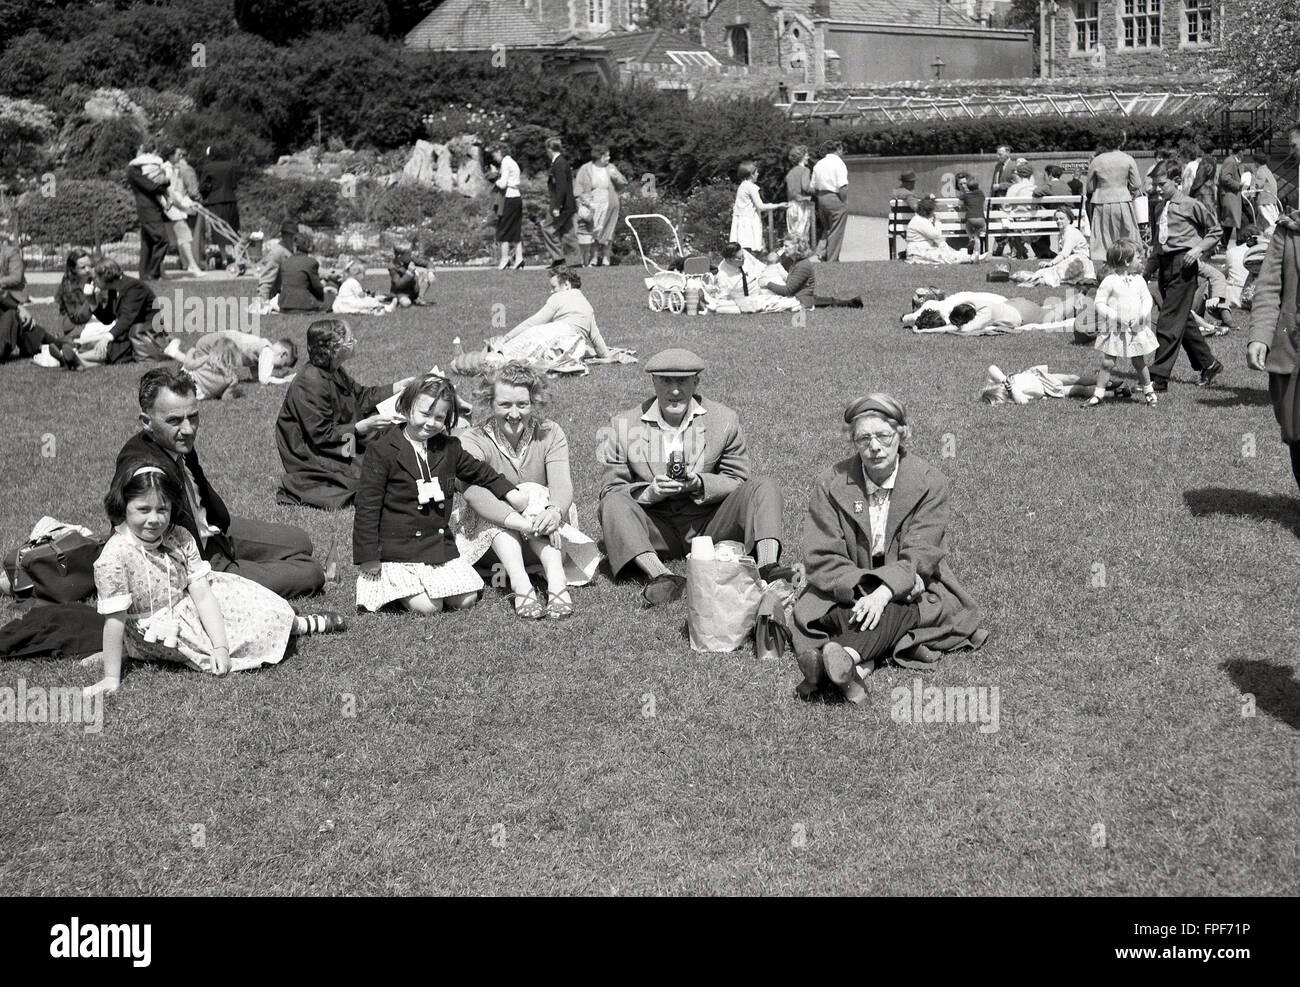 Historique années 1950, family sitting on grass à l'extérieur de maison historique. Photo Stock